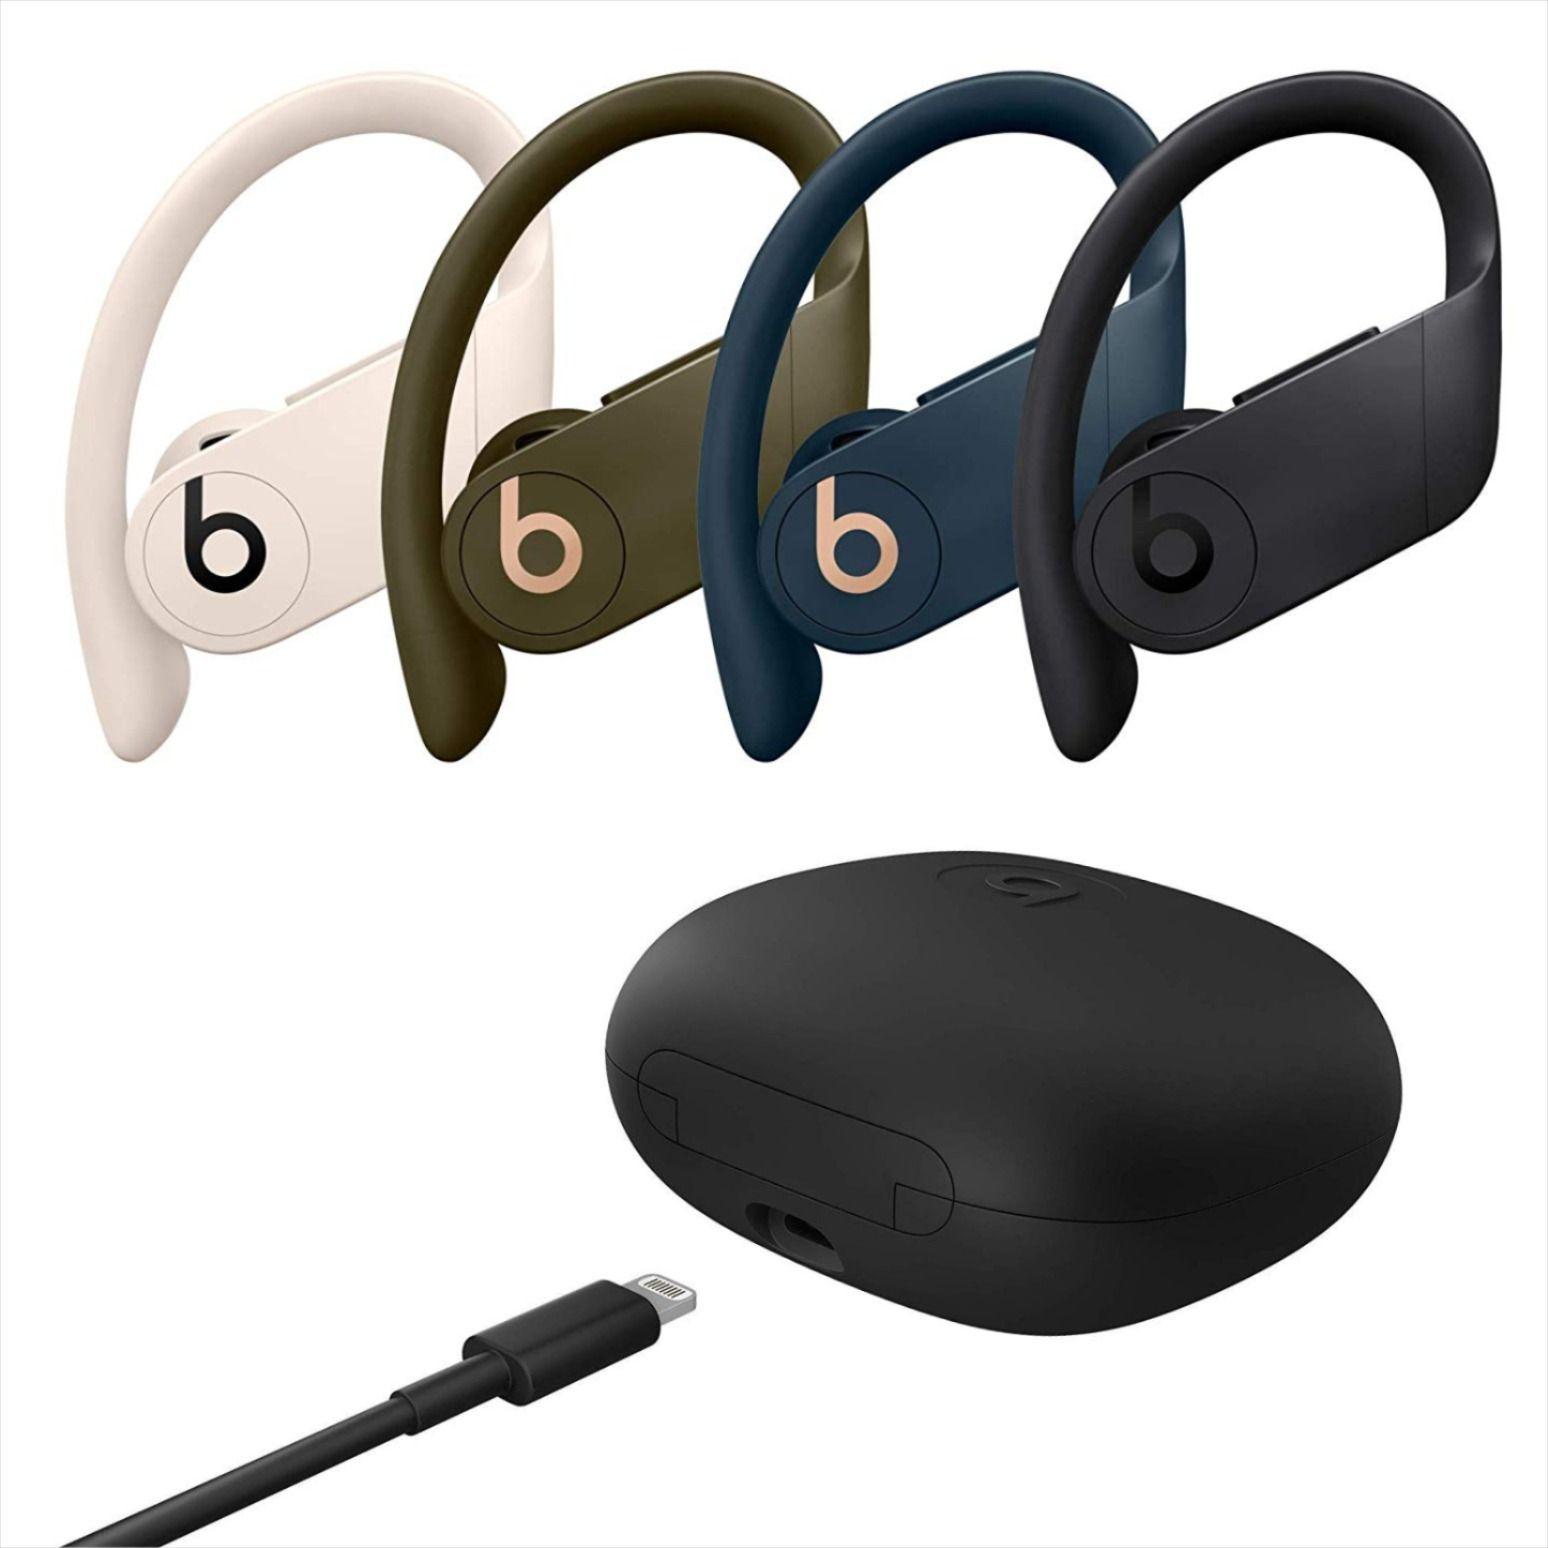 Powerbeats Pro Wireless Earphones Wireless Earphones Beats Headphones Wireless Earphone